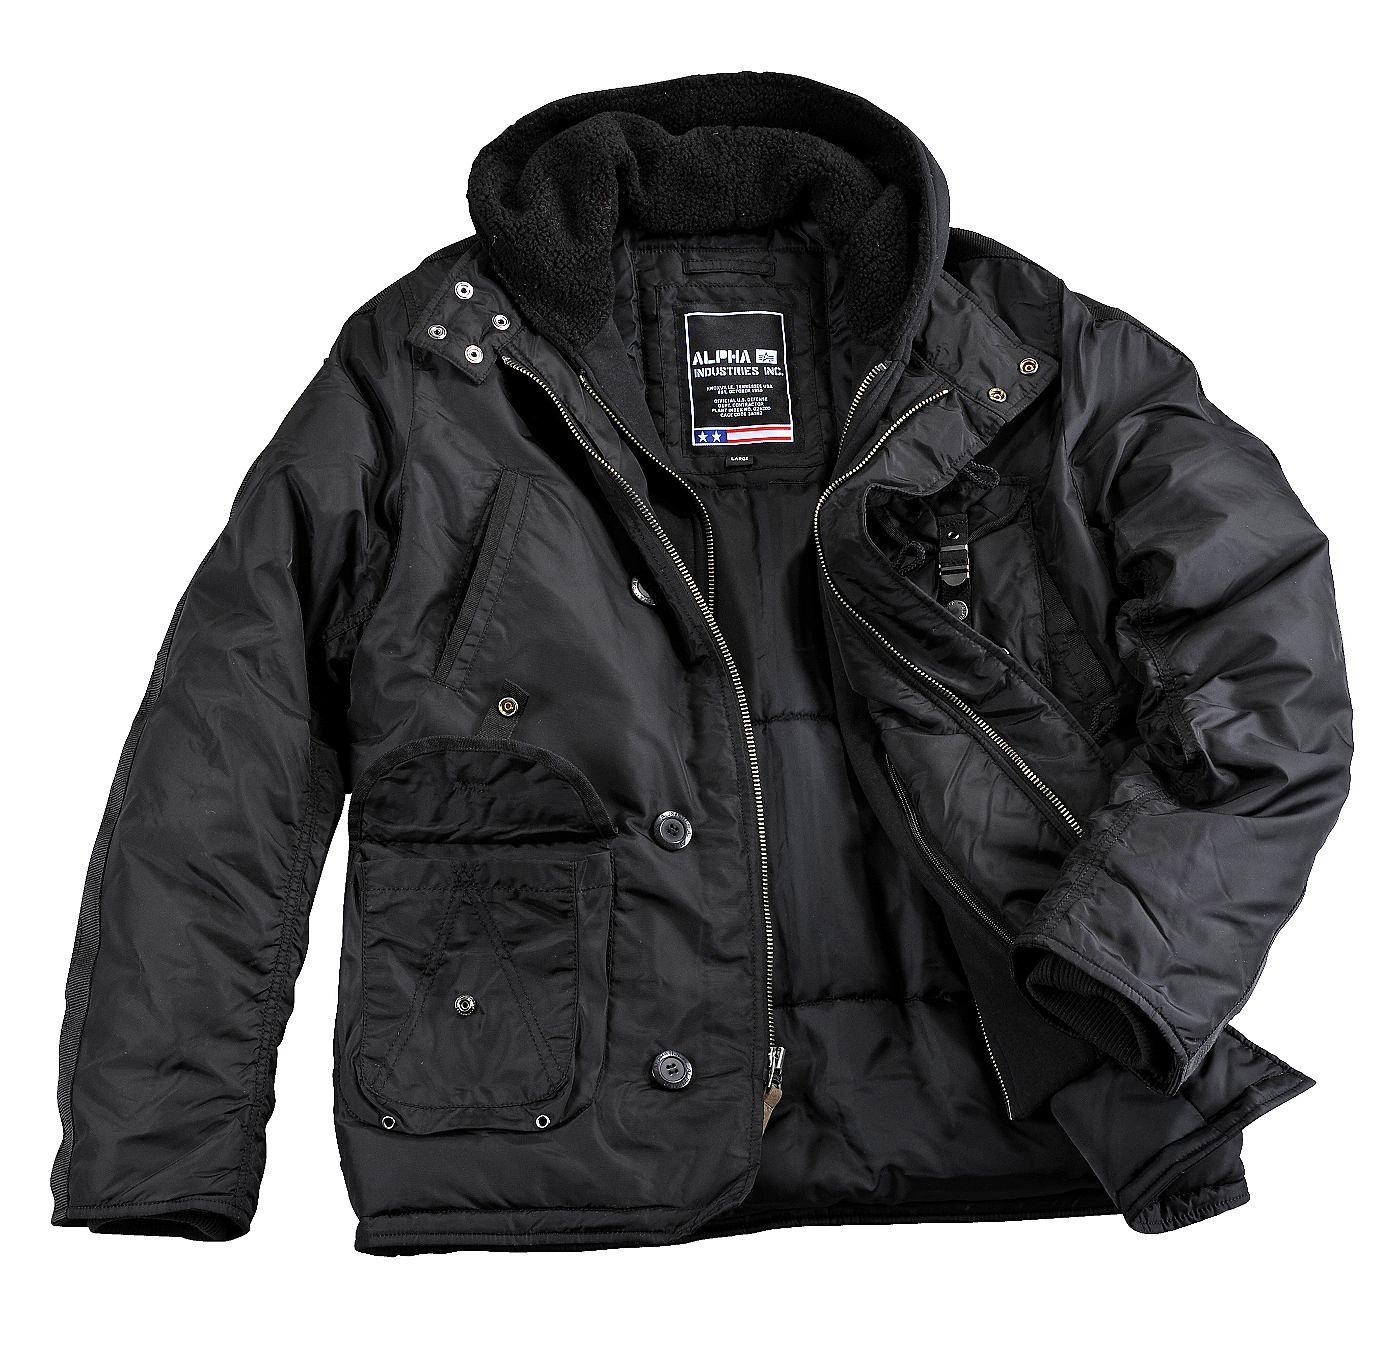 Produktbeschreibung:      - Alpha Industries Kapuzenparka Cobbs III aus 2Tone Nylon     - Warm gefütterte Jacke für die kalte Jahreszeit     - Gefütterte Sweatkapuze     Passform & Größenlauf:      - Normale Passfom - (SF - Standard Fit)     - Erhältlich in den Größen: S - 3XL        Material & Pflege:      - Oberstoff: 100 % Nylon     - Futter: 100 % Nylon     - Wattierung: 100 % Polyeste...